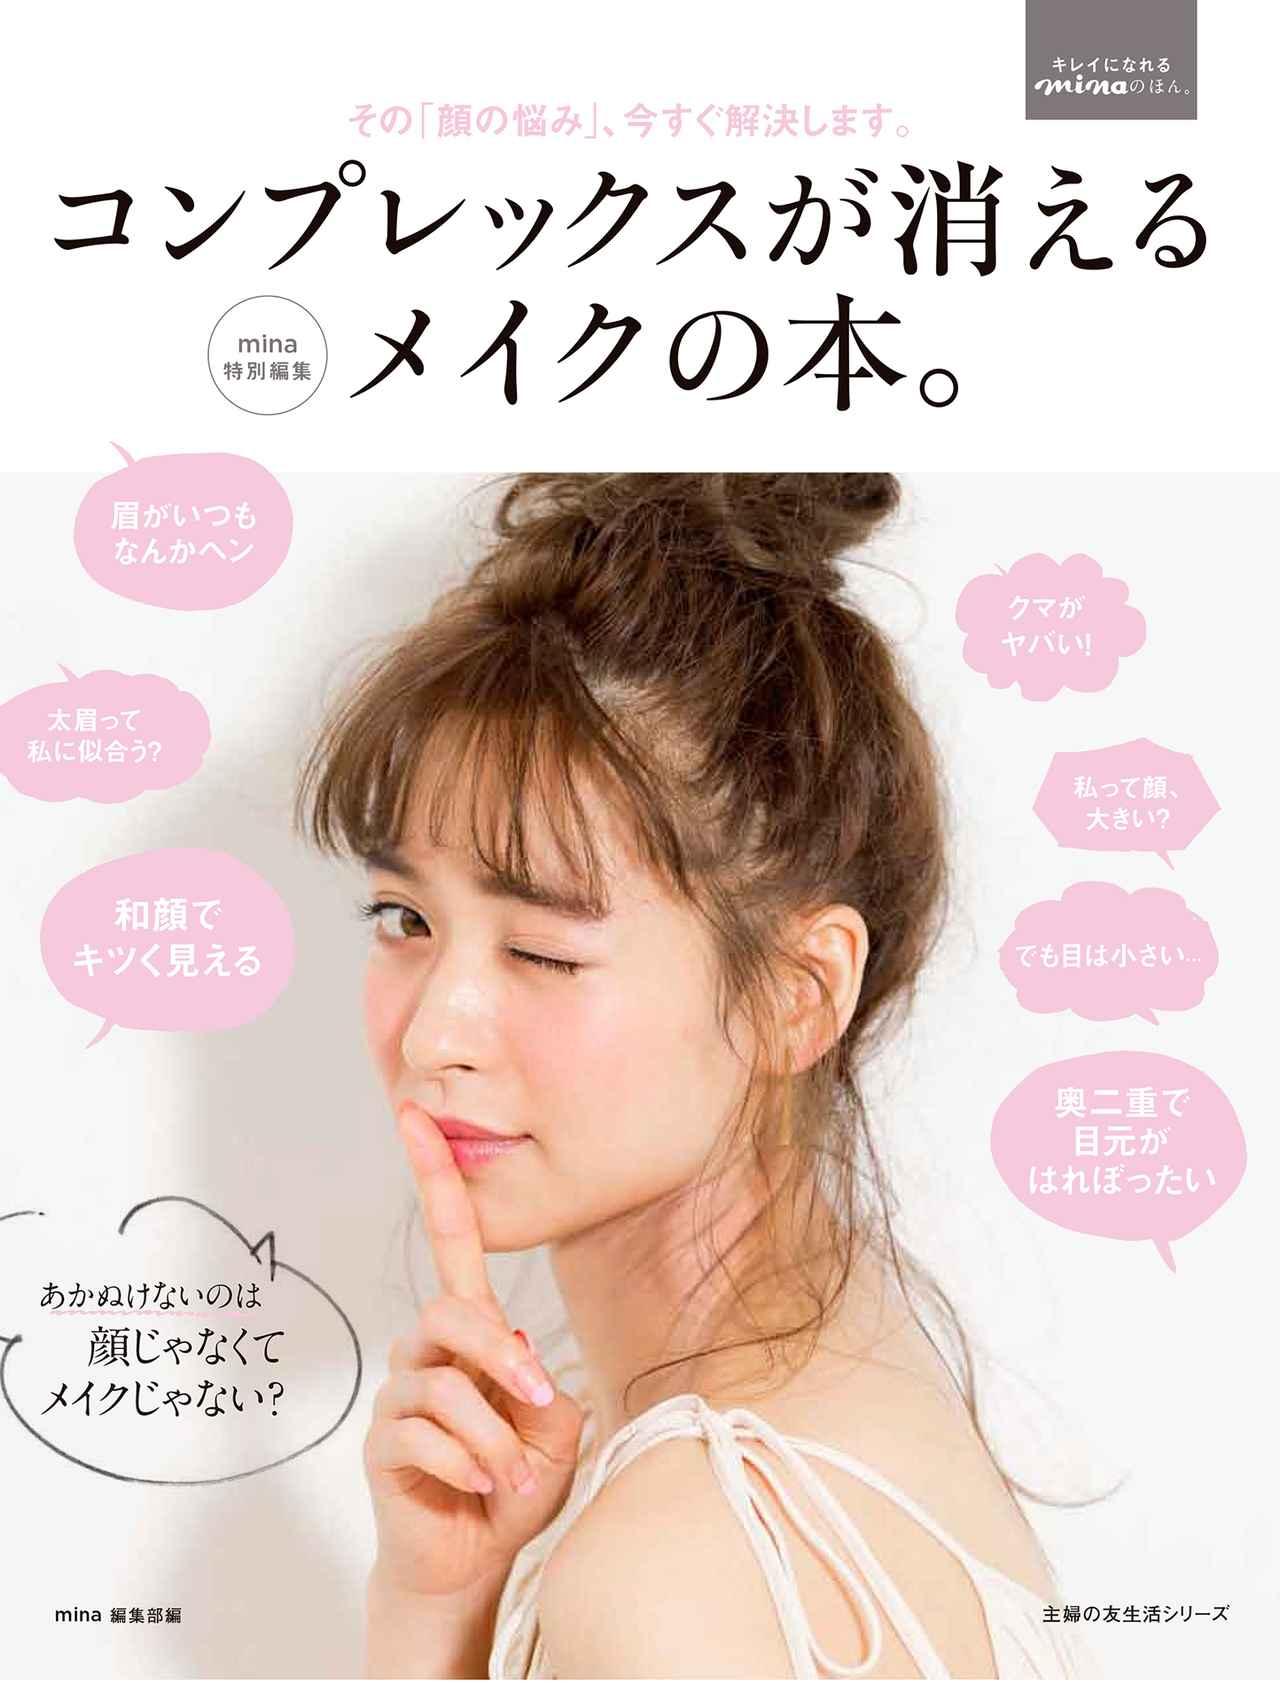 画像: 『mina特別編集 コンプレックスが消えるメイクの本。』11月15日(火)発売